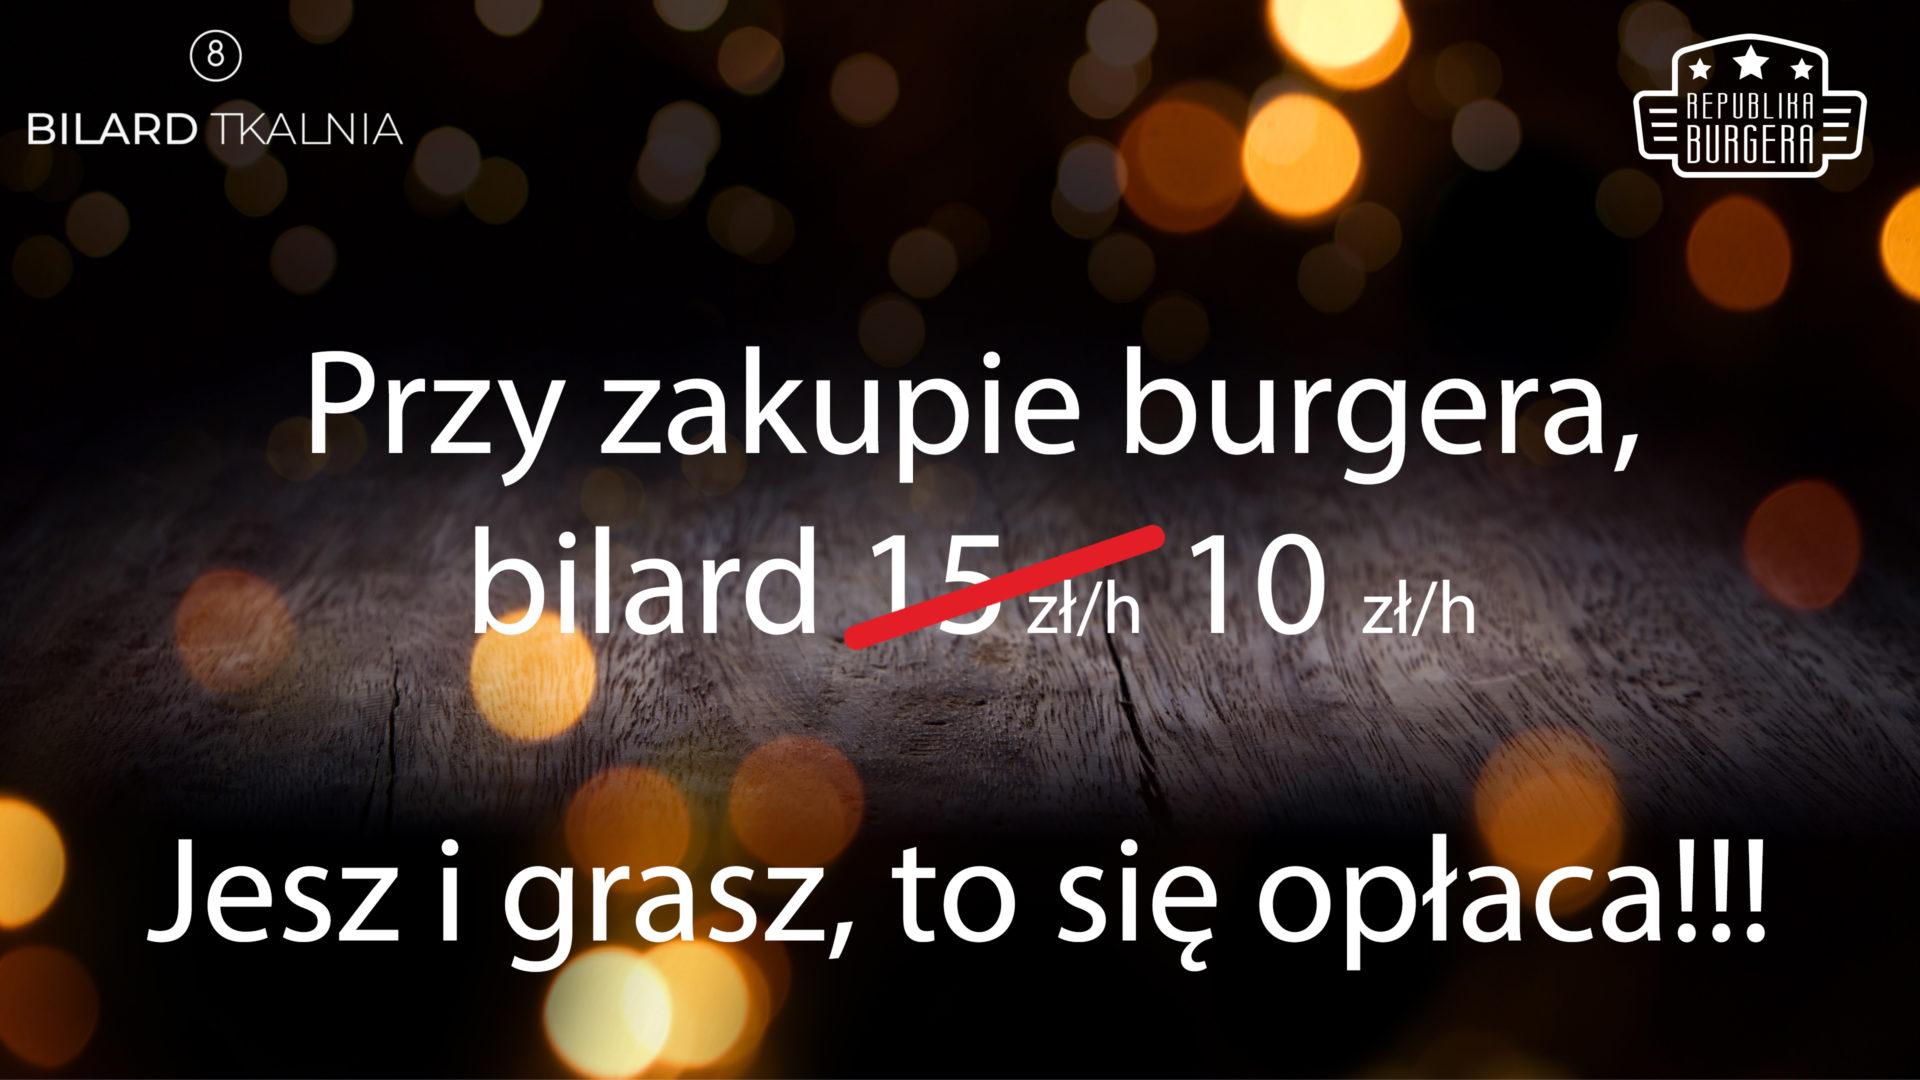 Republika Burgera w Tkalni